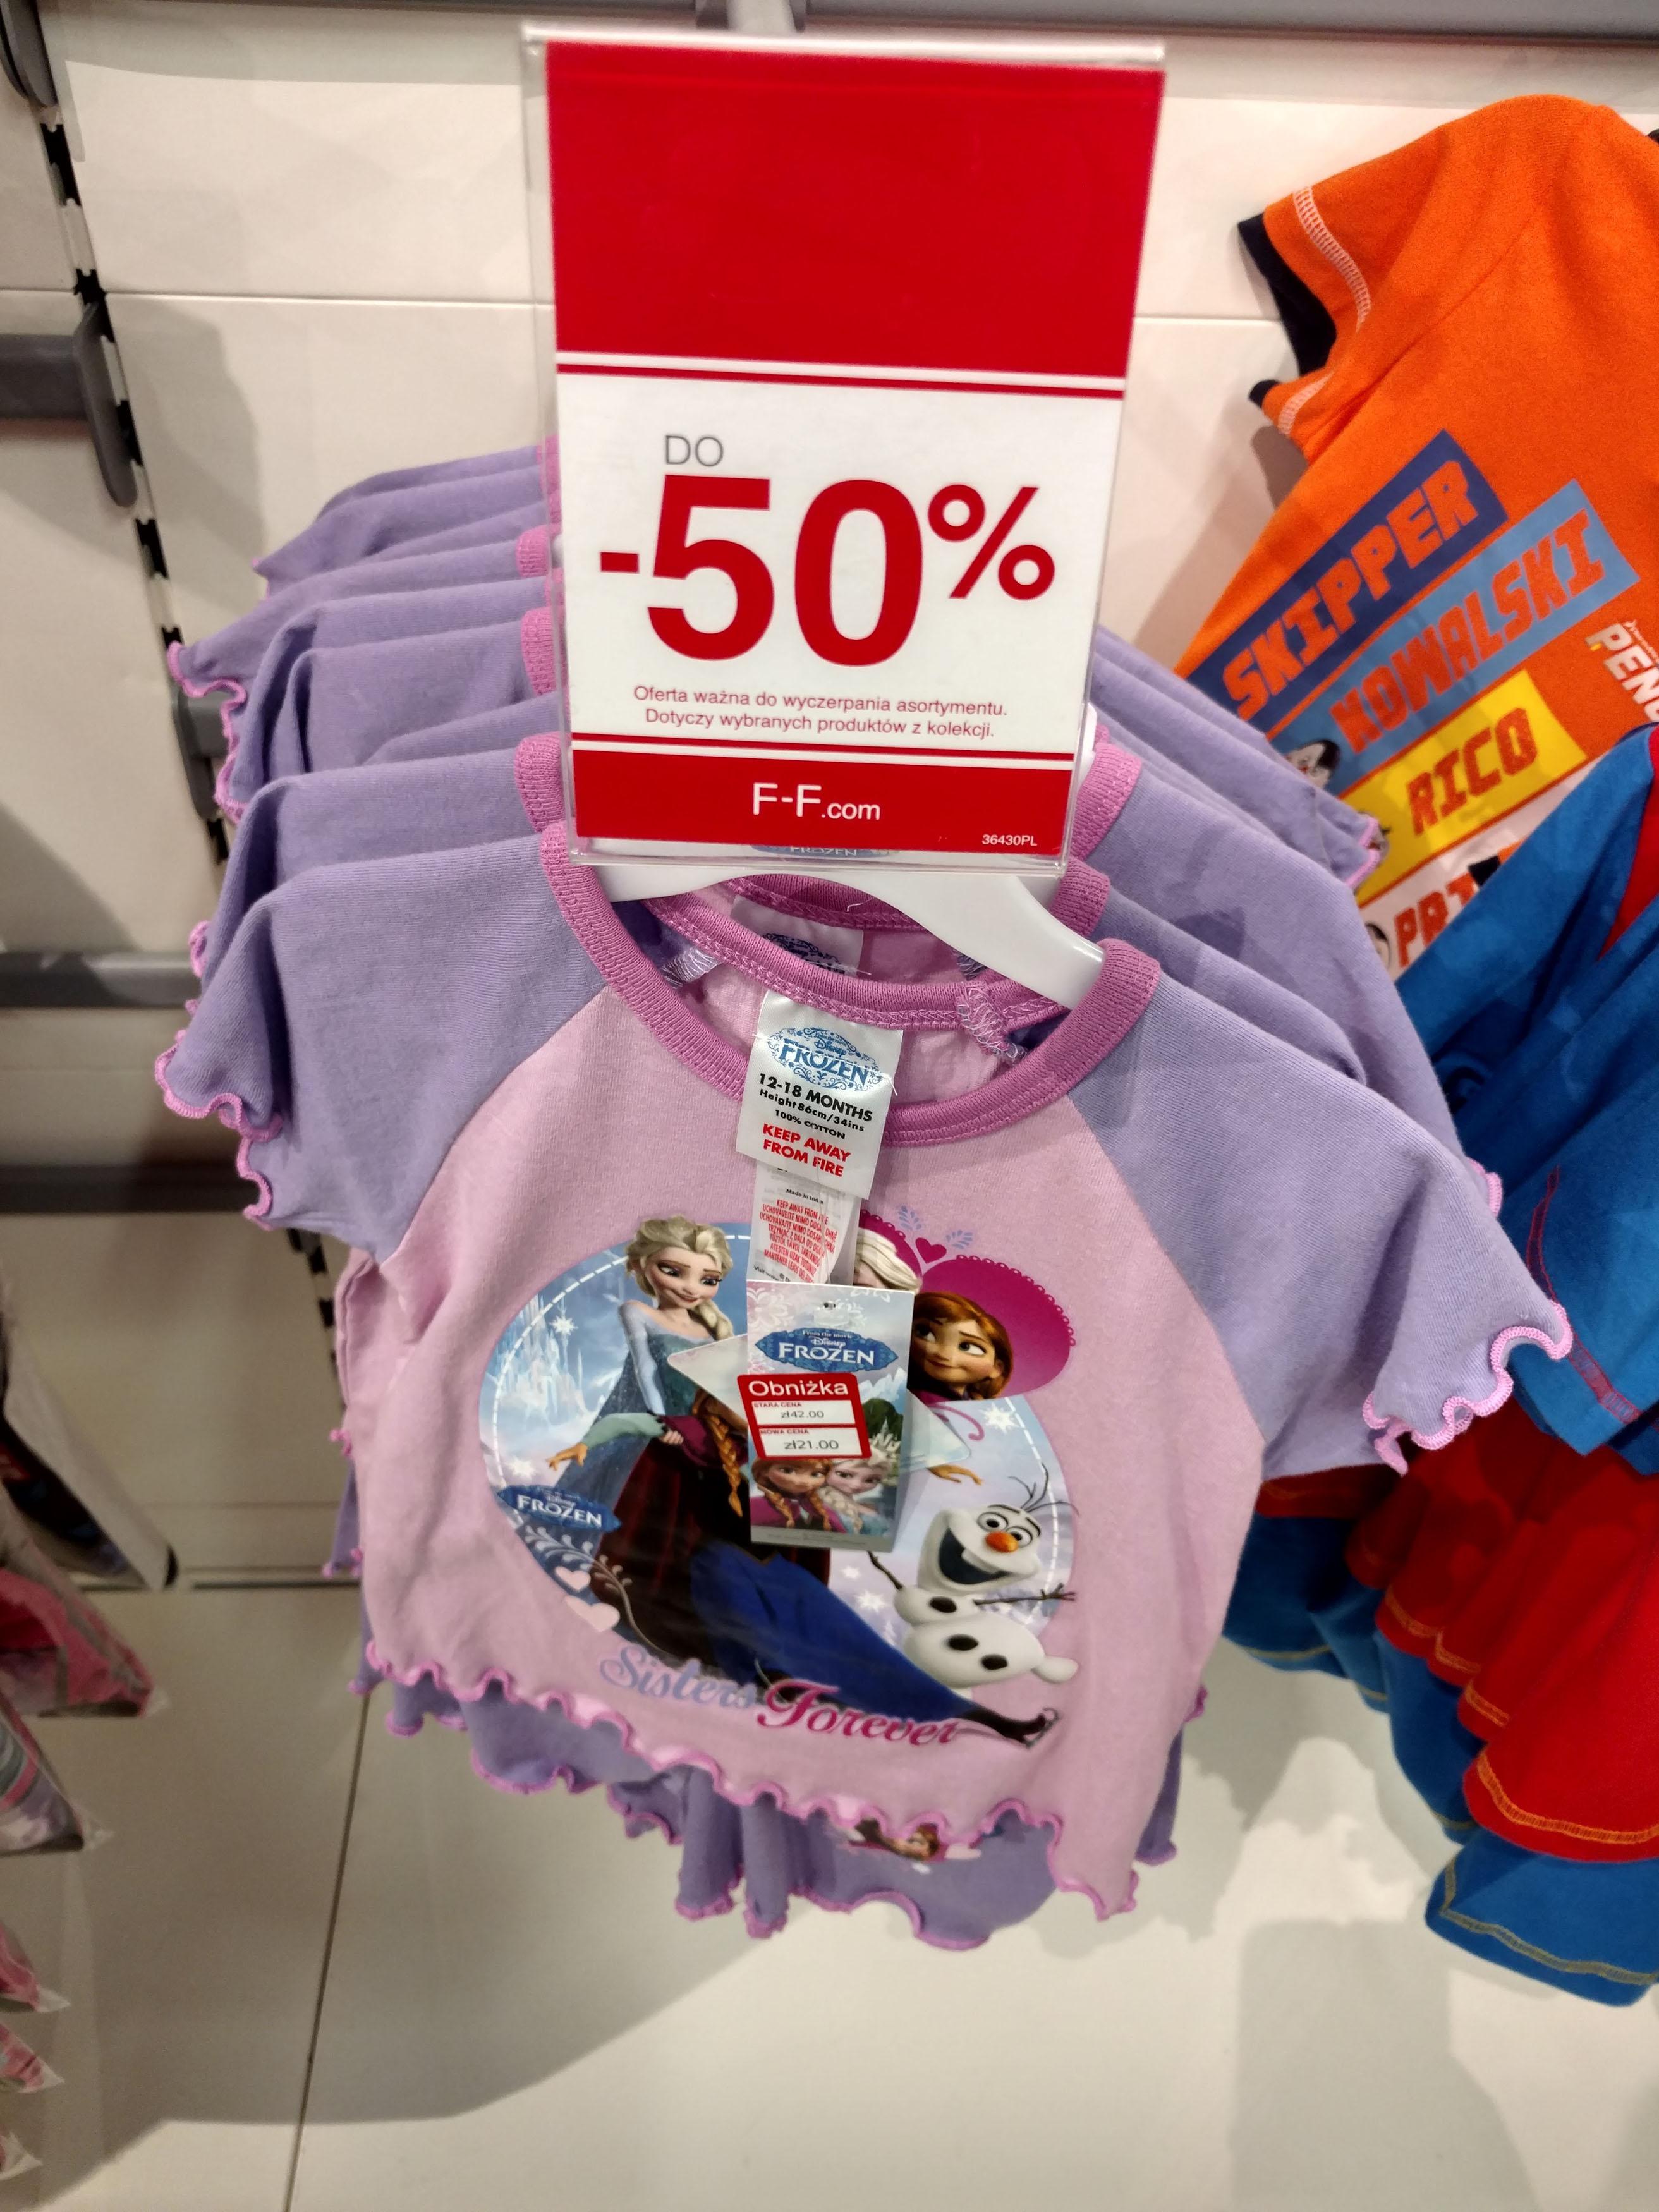 Piżama dziecięca od 21zł (-50%) - Avengers, Frozen, Mickey Mouse @ Tesco